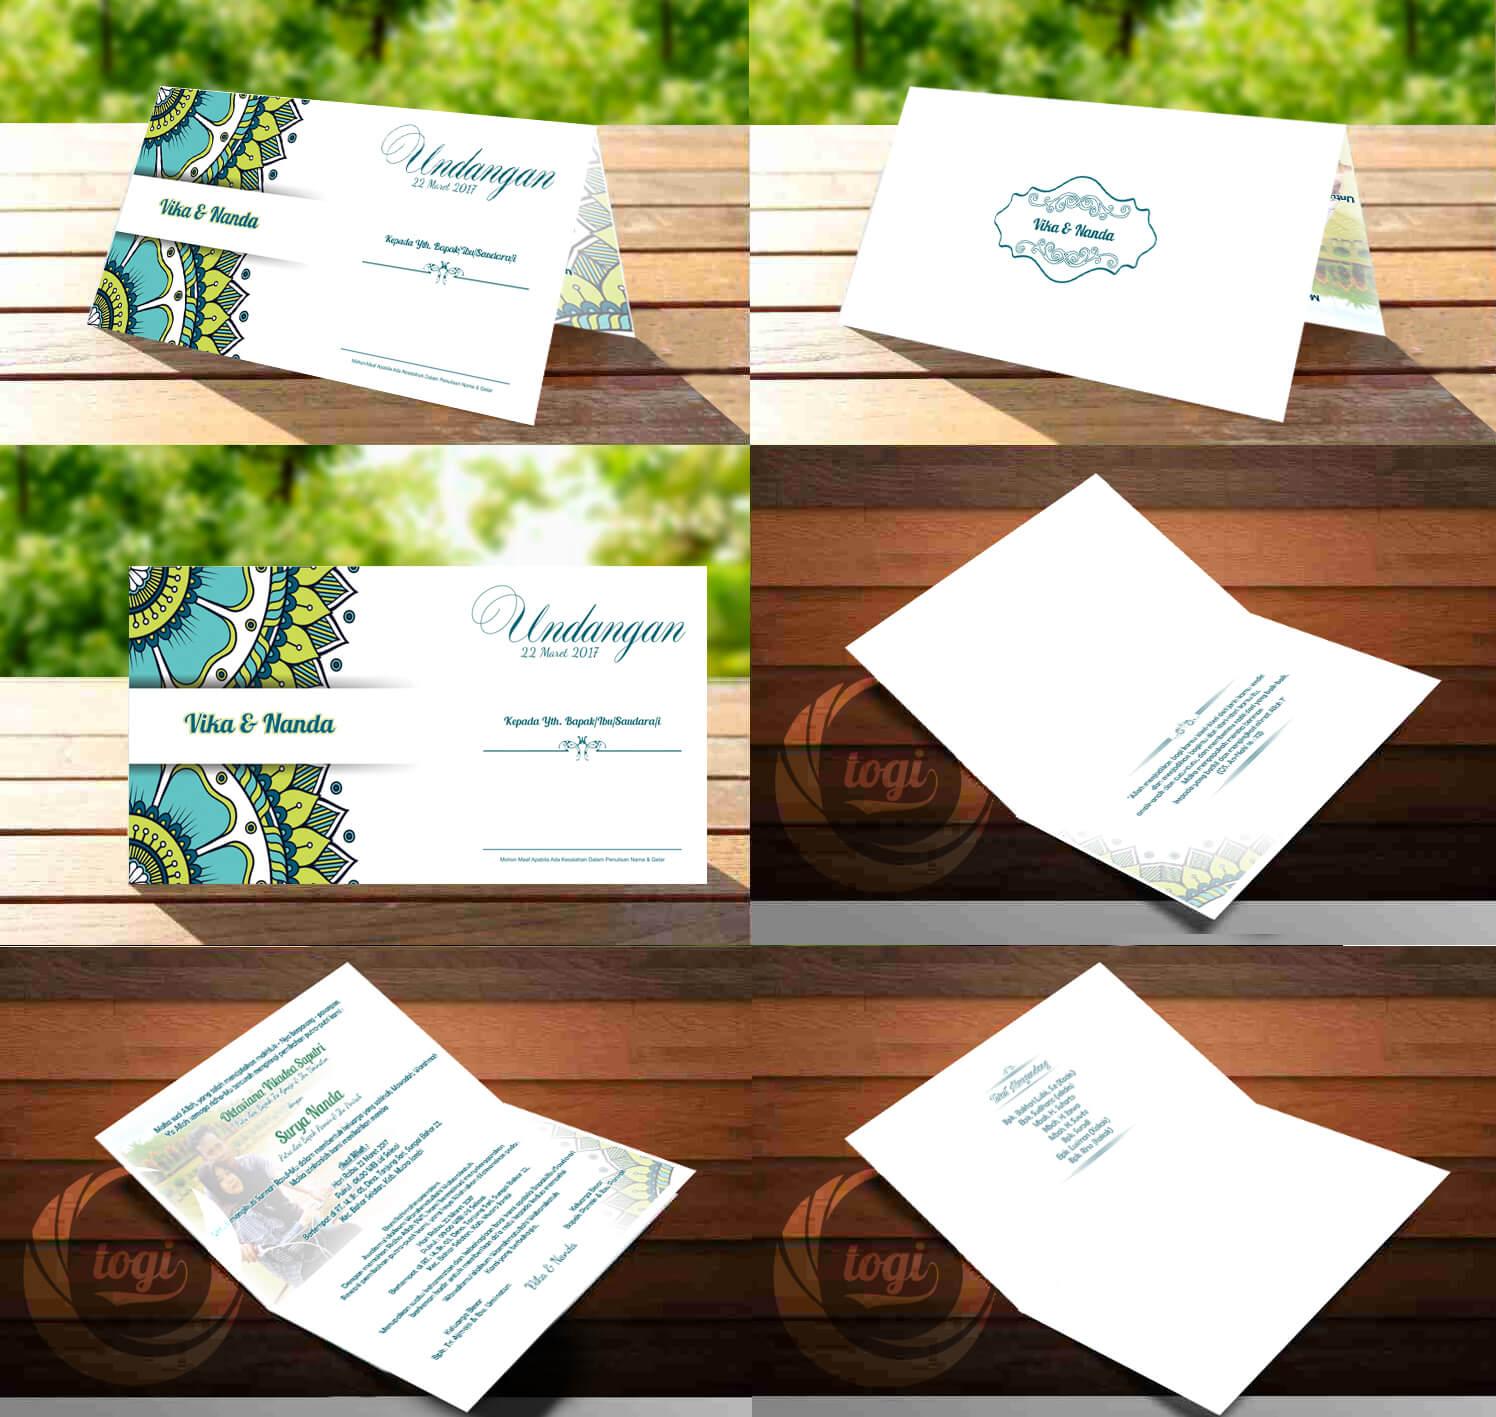 910+ Gambar Desain Undangan Pernikahan Buatan Sendiri HD Terbaru Yang Bisa Anda Tiru